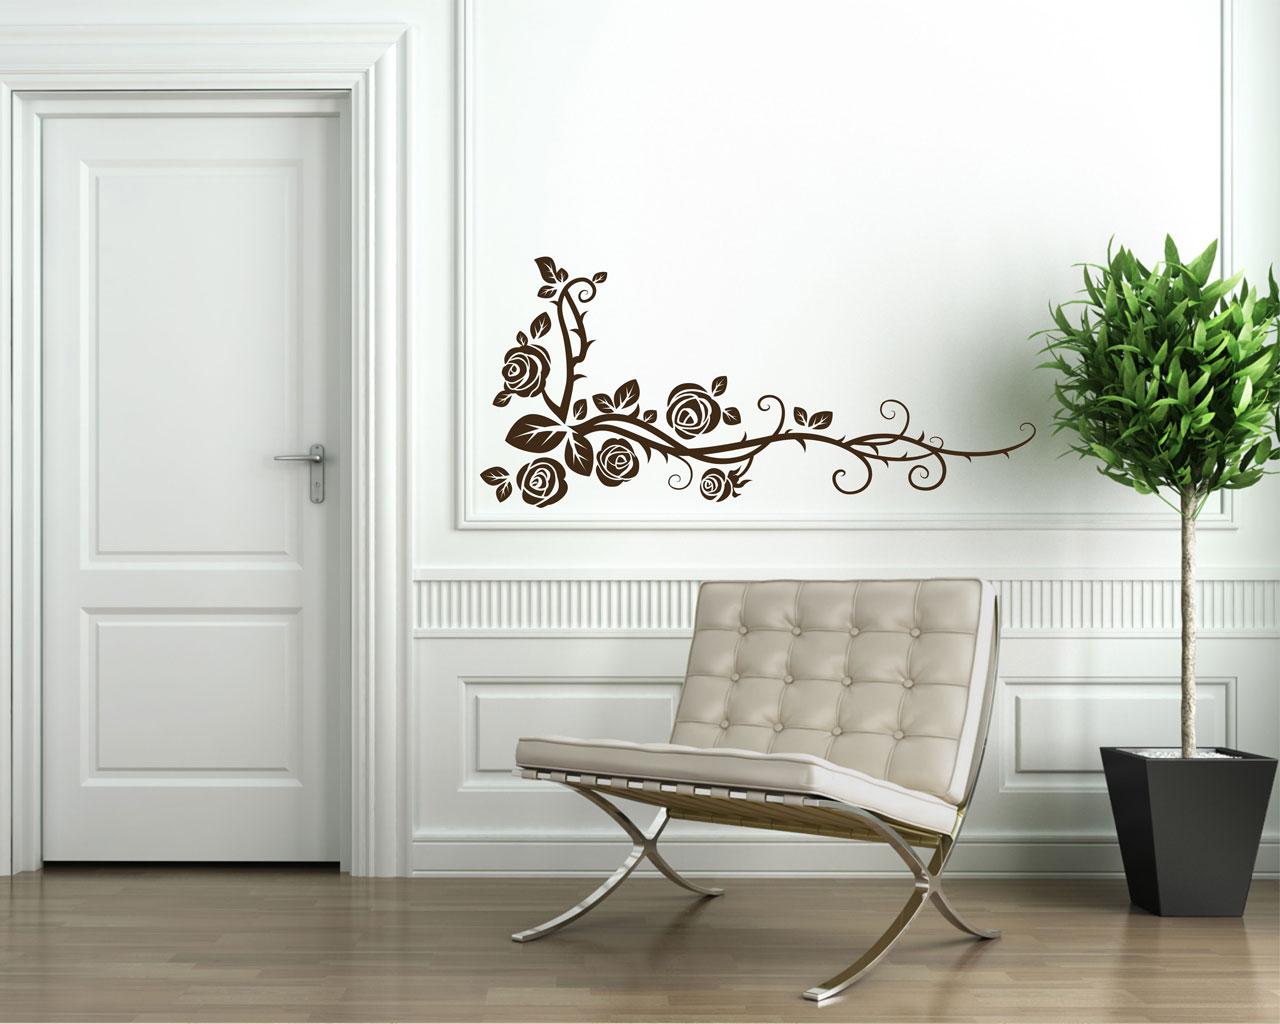 adesivo murale-ramo di rose selvatiche